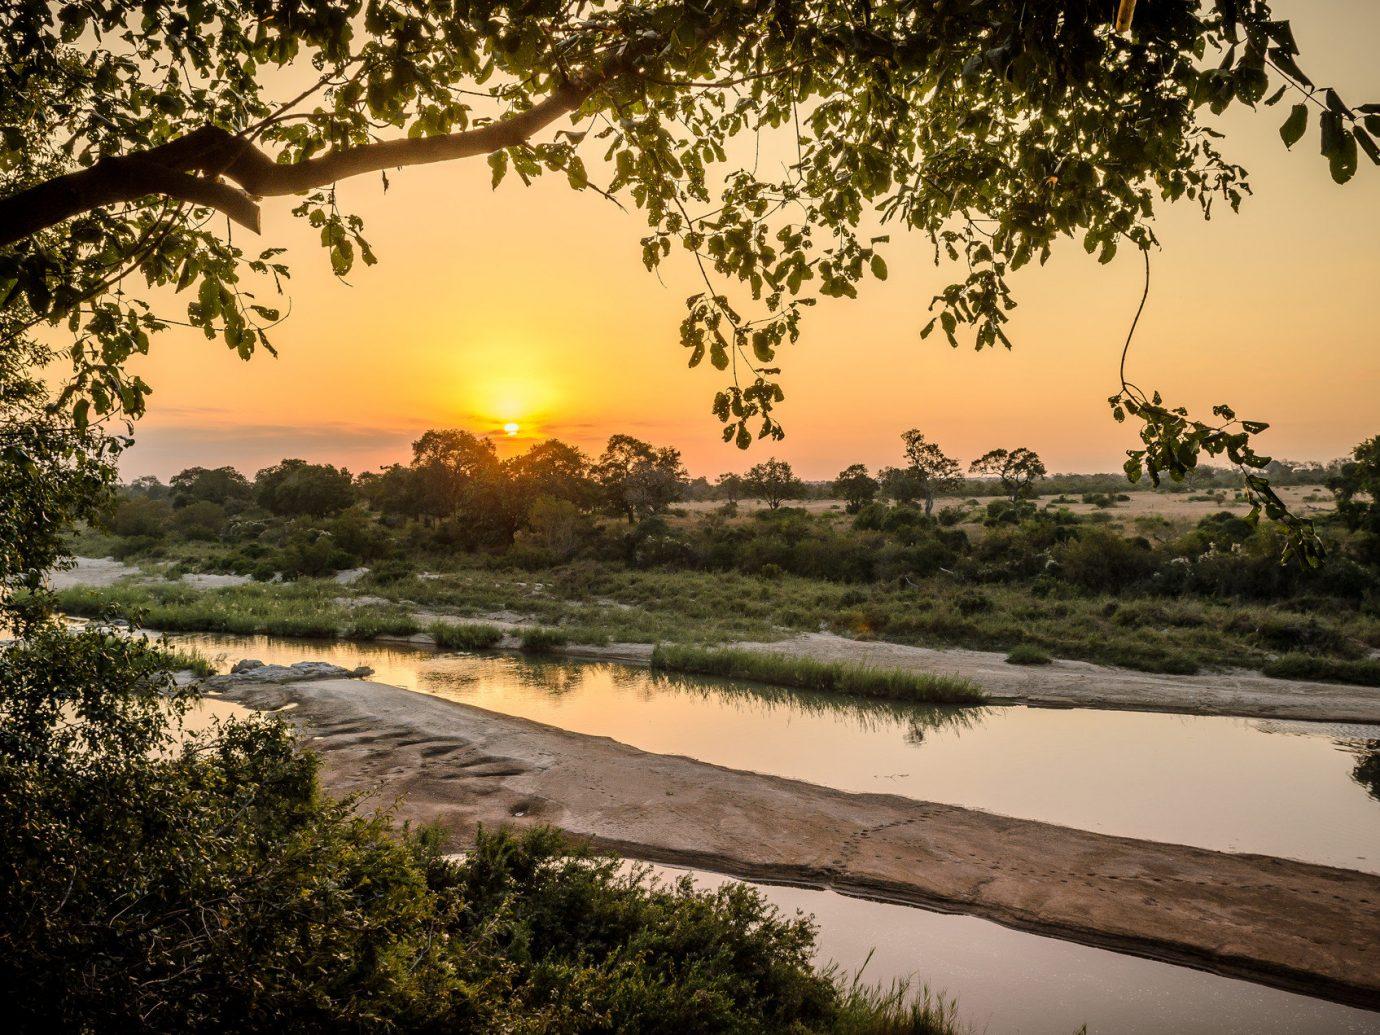 Sunset at African Safari